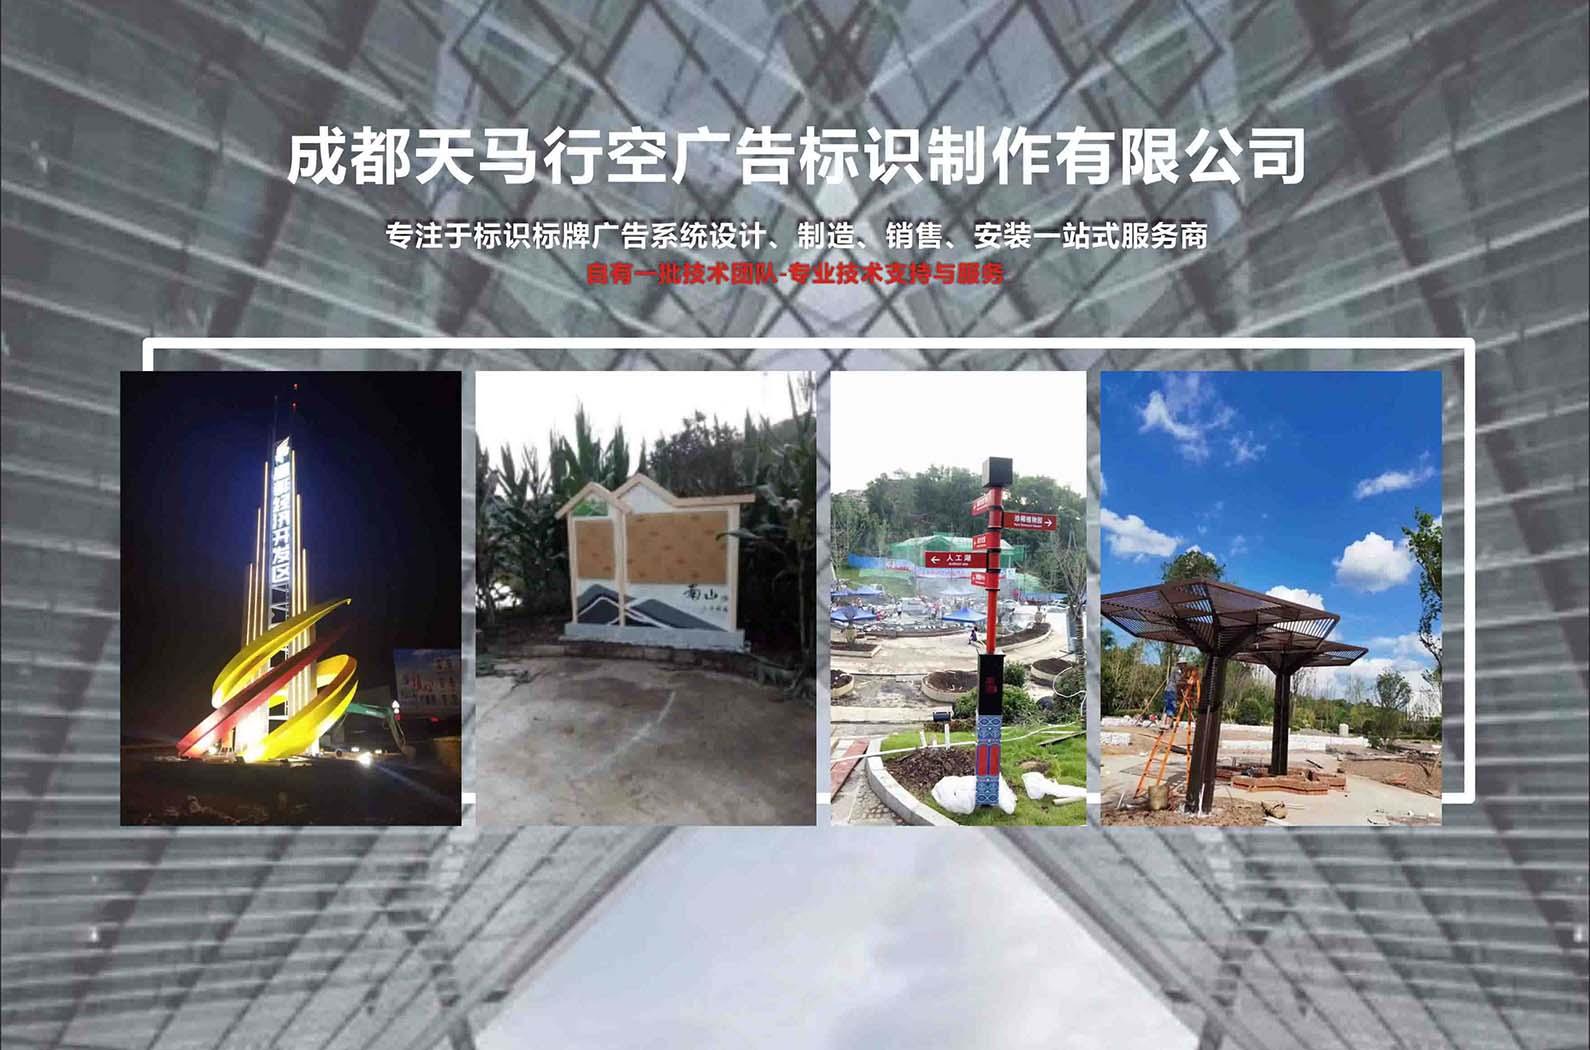 四川公园宣传栏